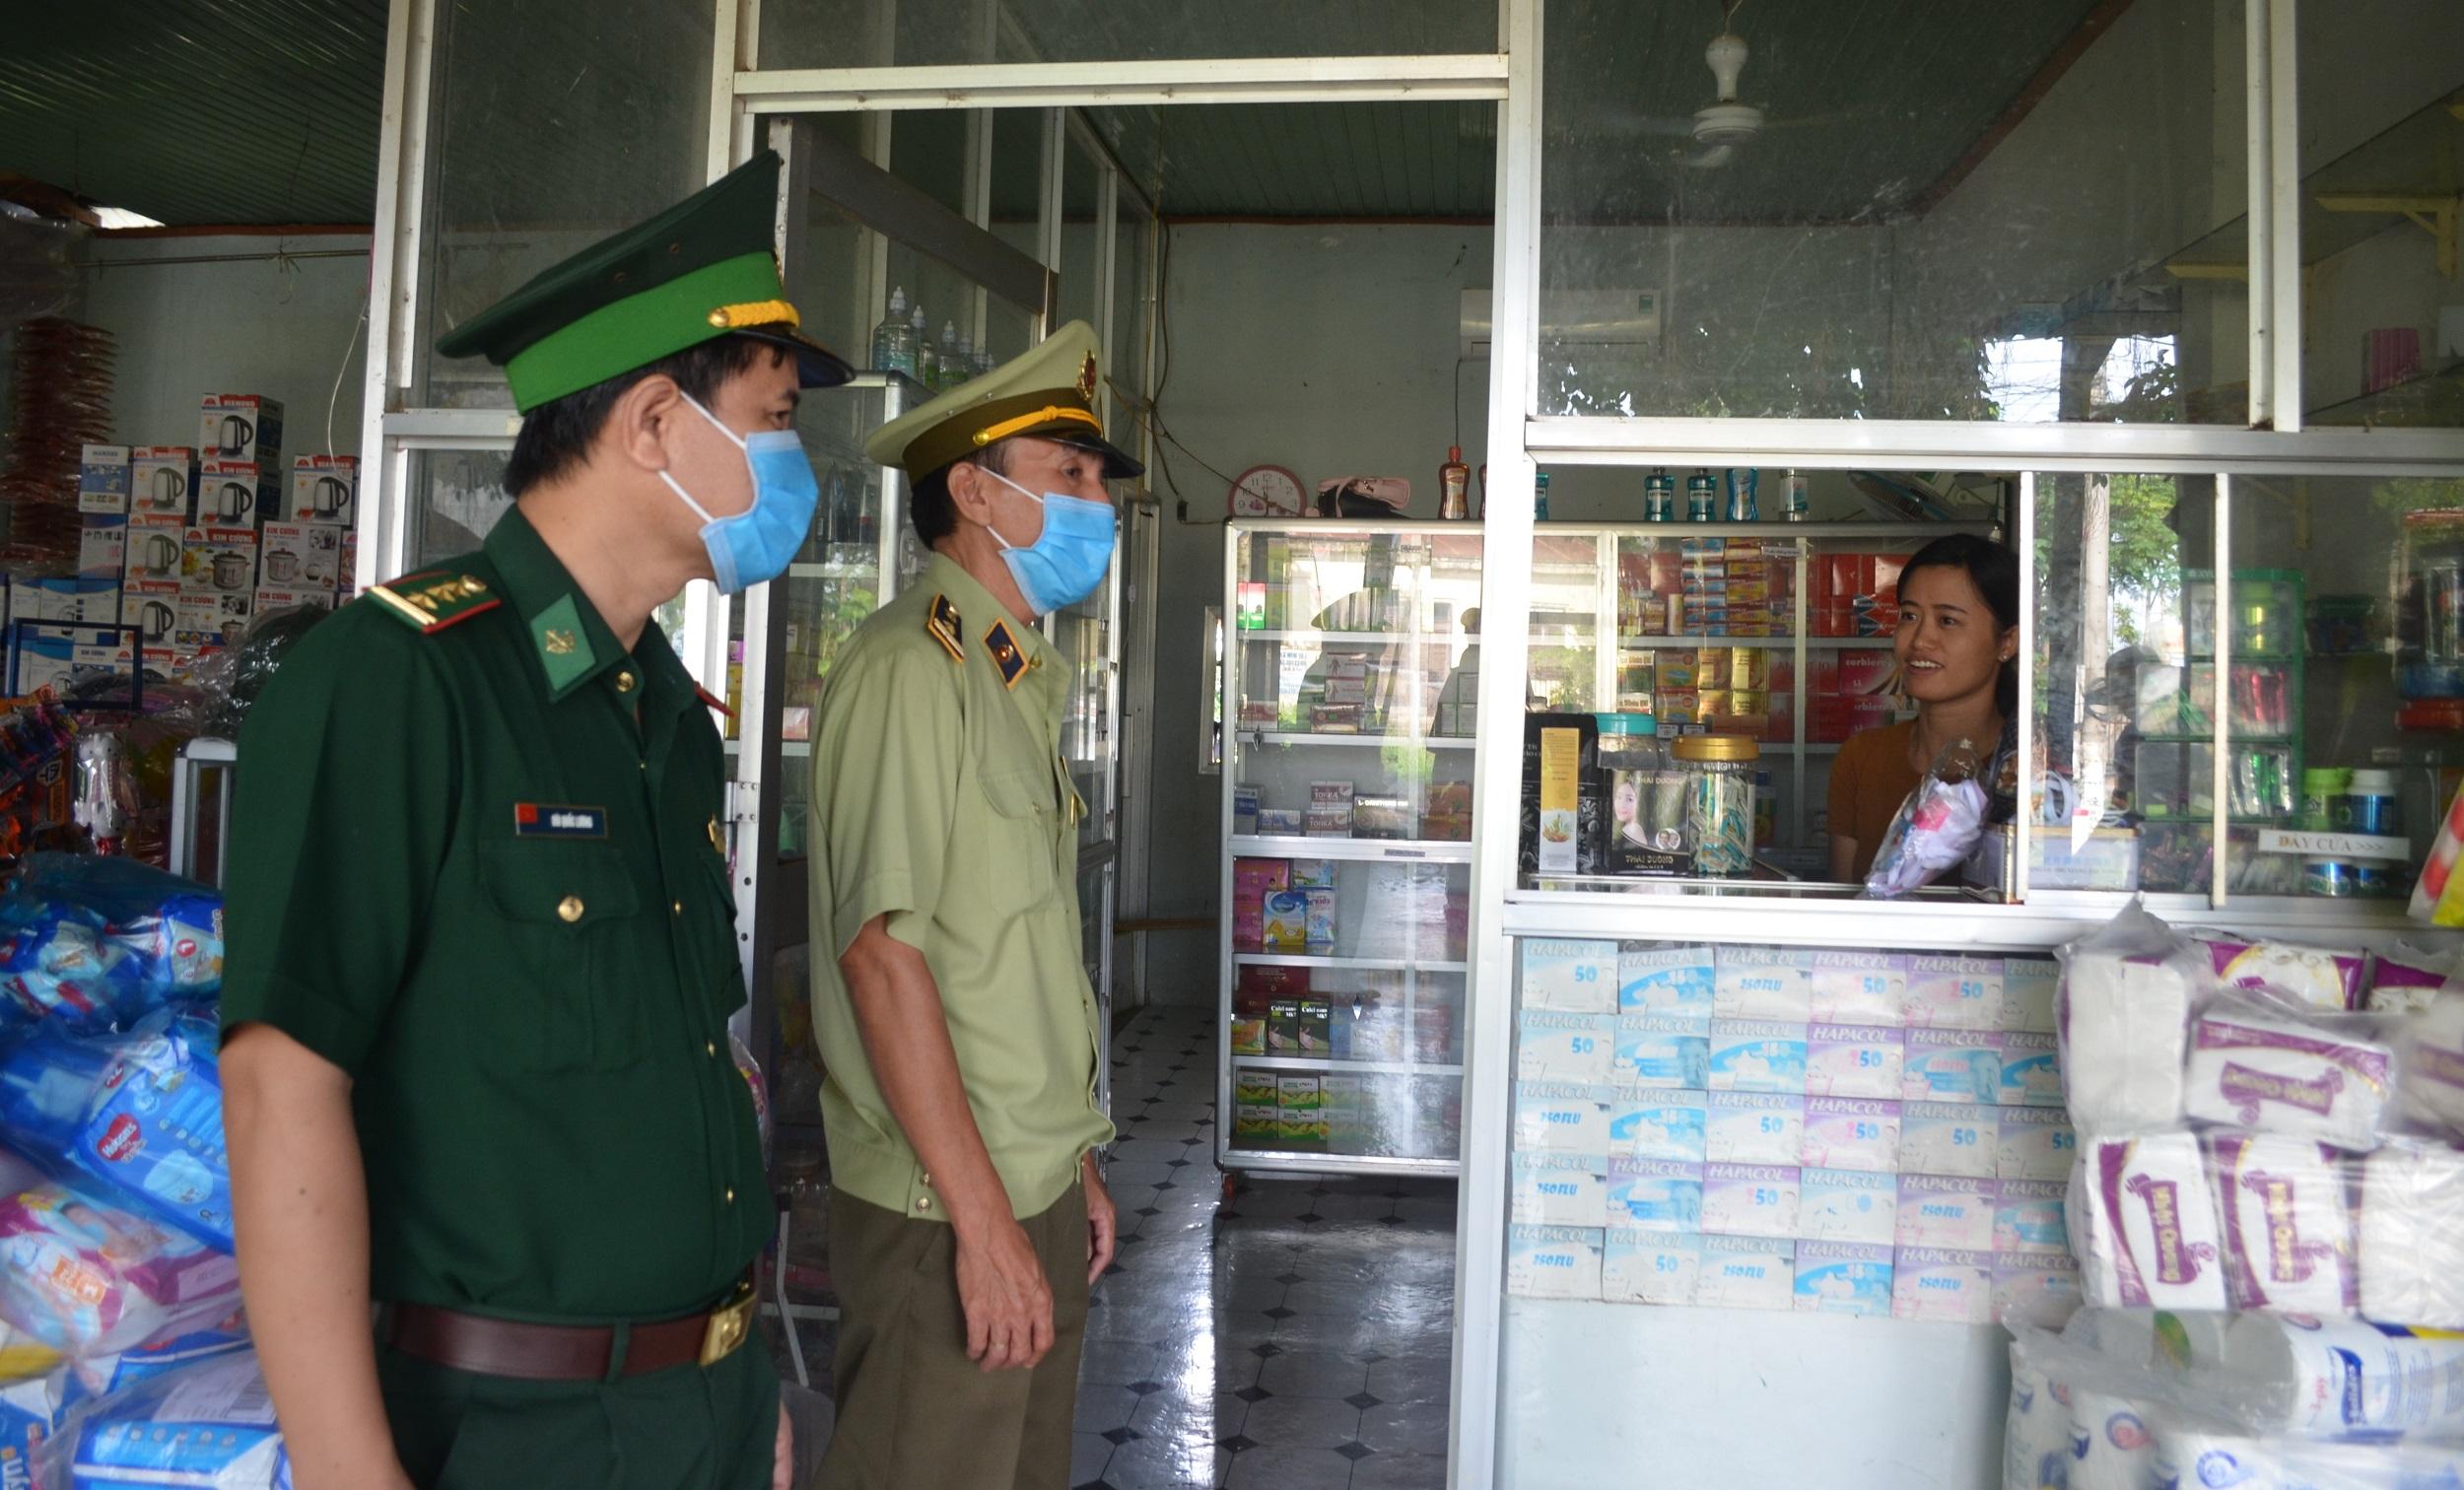 Khảo sát tình hình hoạt động buôn lậu, gian lận thượng mại và hàng giả trên địa bàn khu vực biên giới tỉnh Đắk Lắk